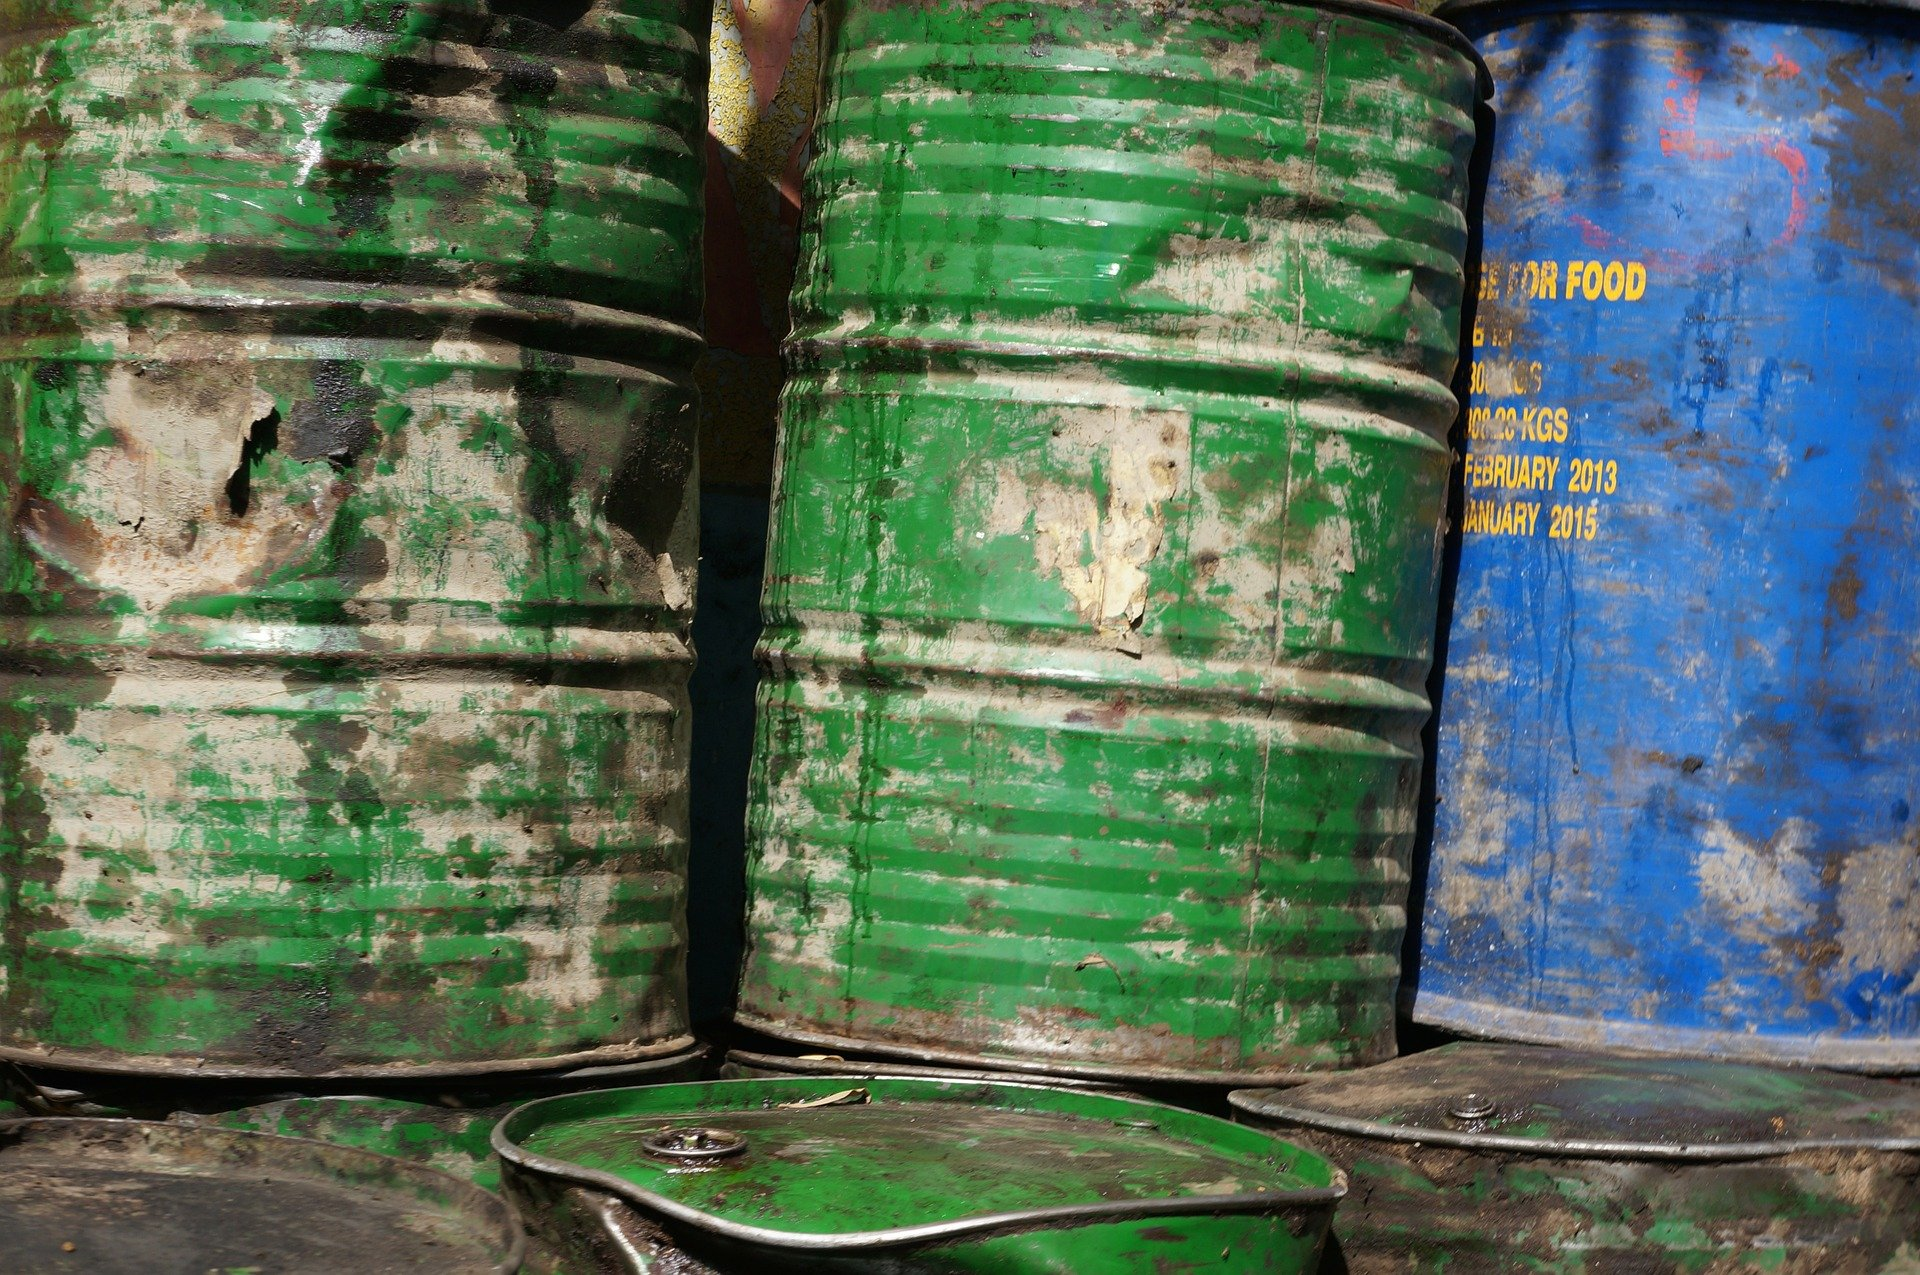 oil-gce8b8cb6d_1920.jpg